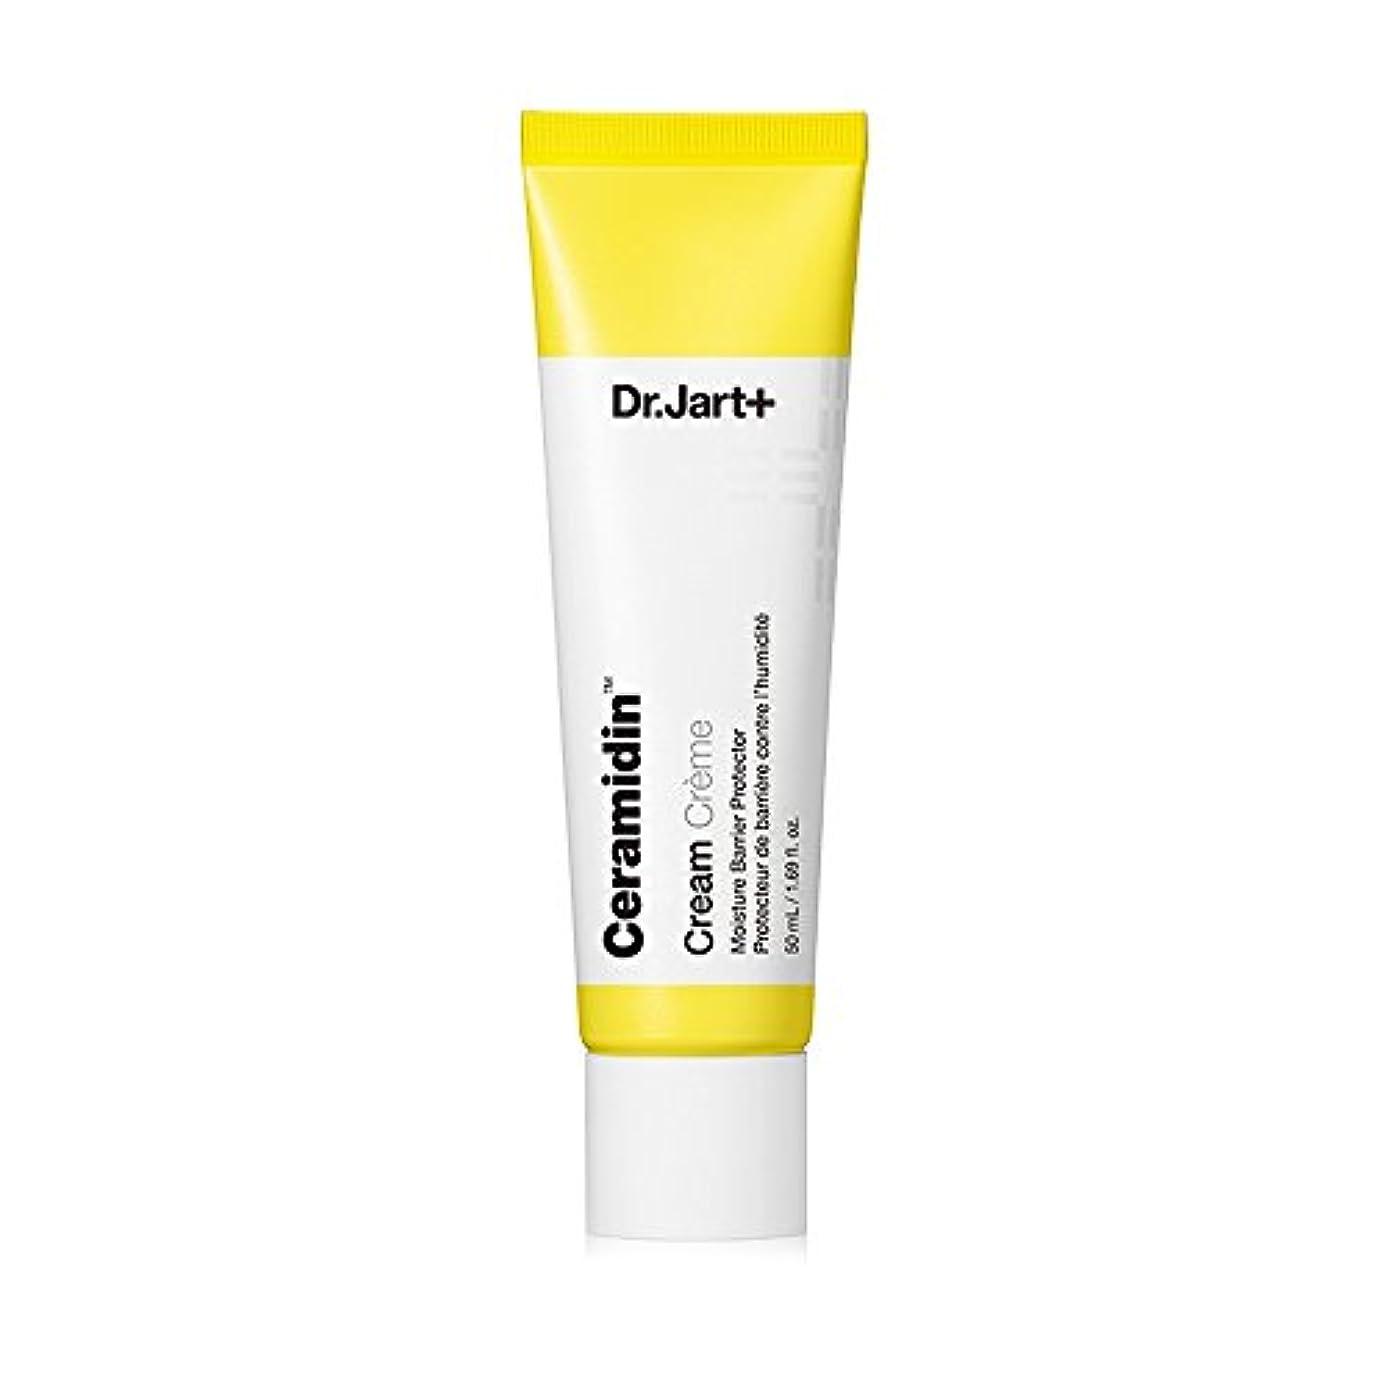 考慮レビュアー大腿[Dr.jart + New Ceramidin Cream 50ml] ドクタージャルトニューセラミーディン クリーム50ml